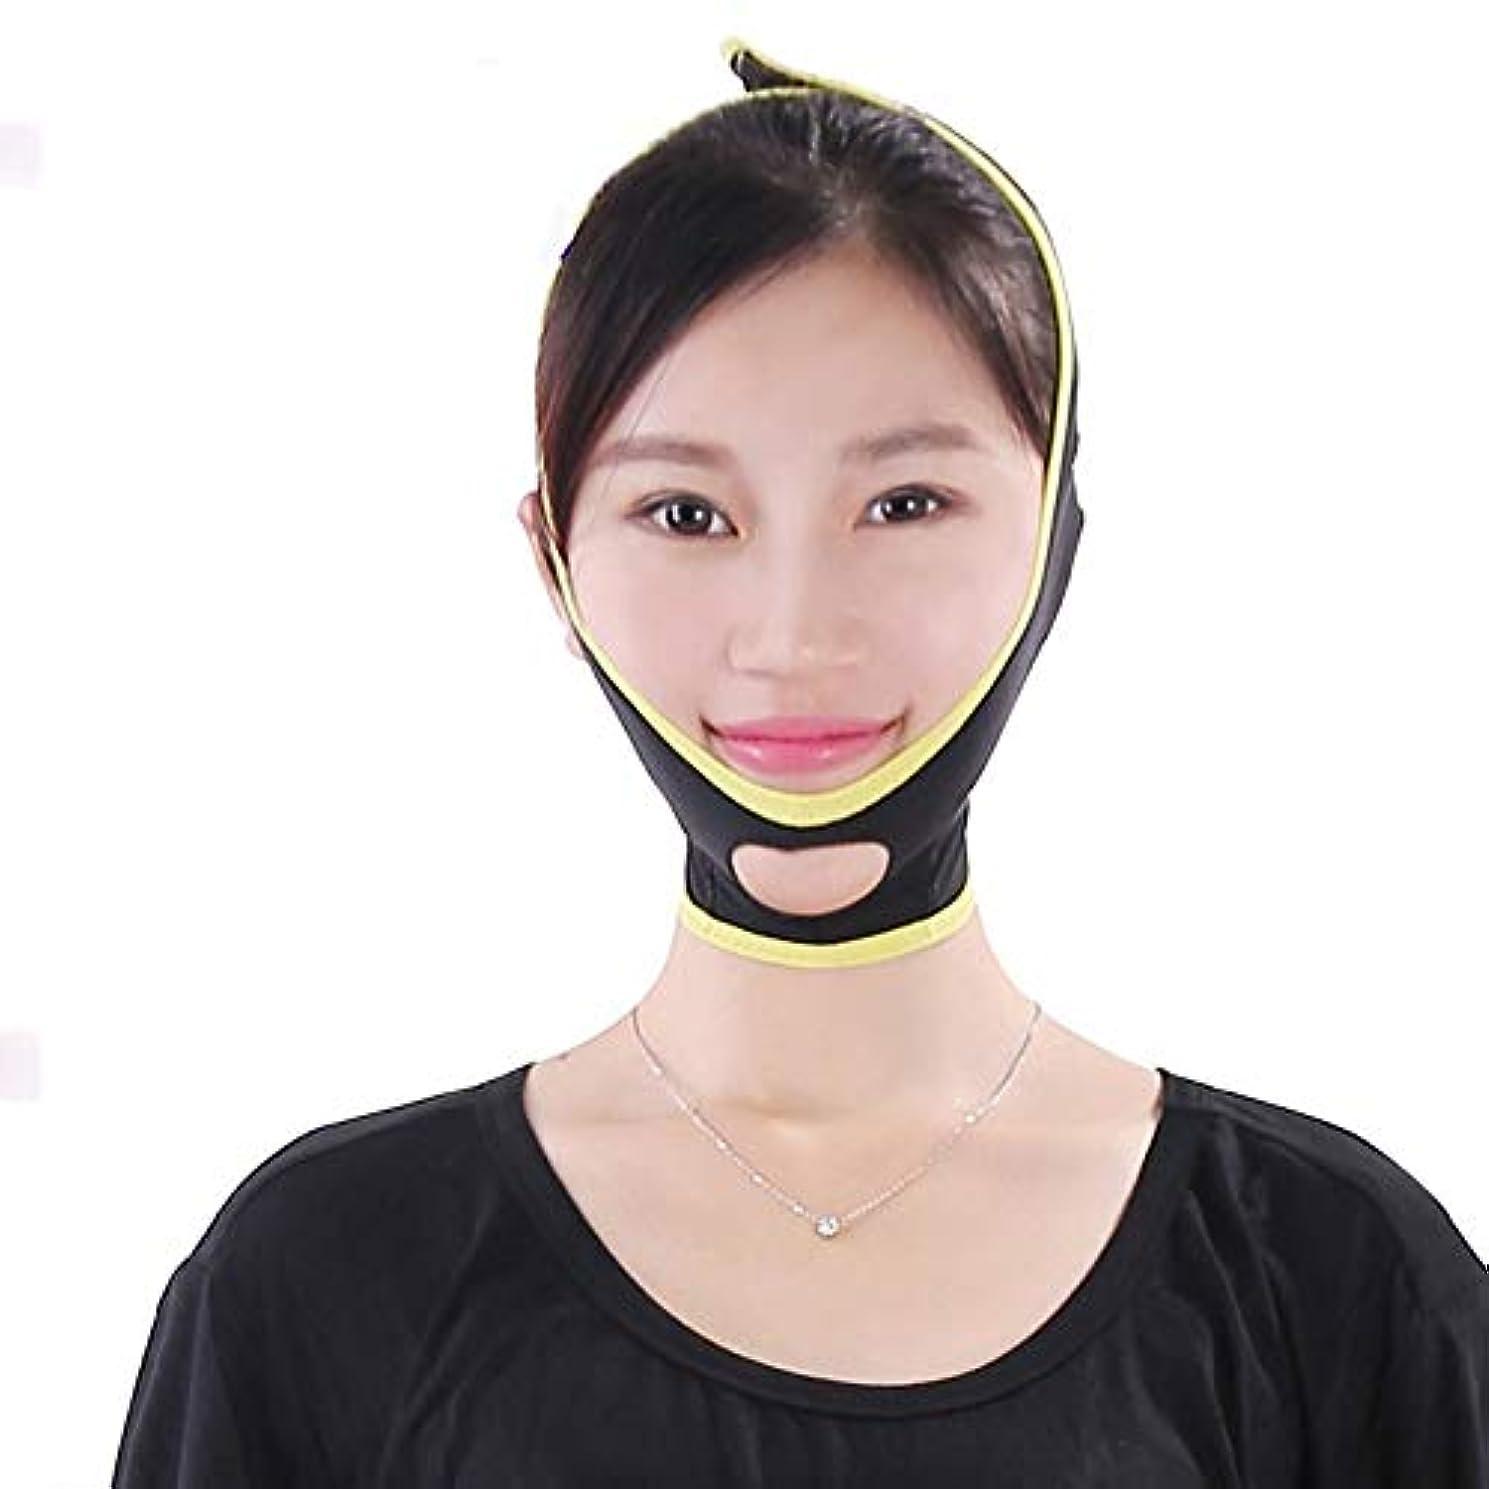 物思いにふける最初地震Vフェイスマスク、フェイスリフティングアーティファクト、美容マスク、顔のしわ防止、減量、二重あご